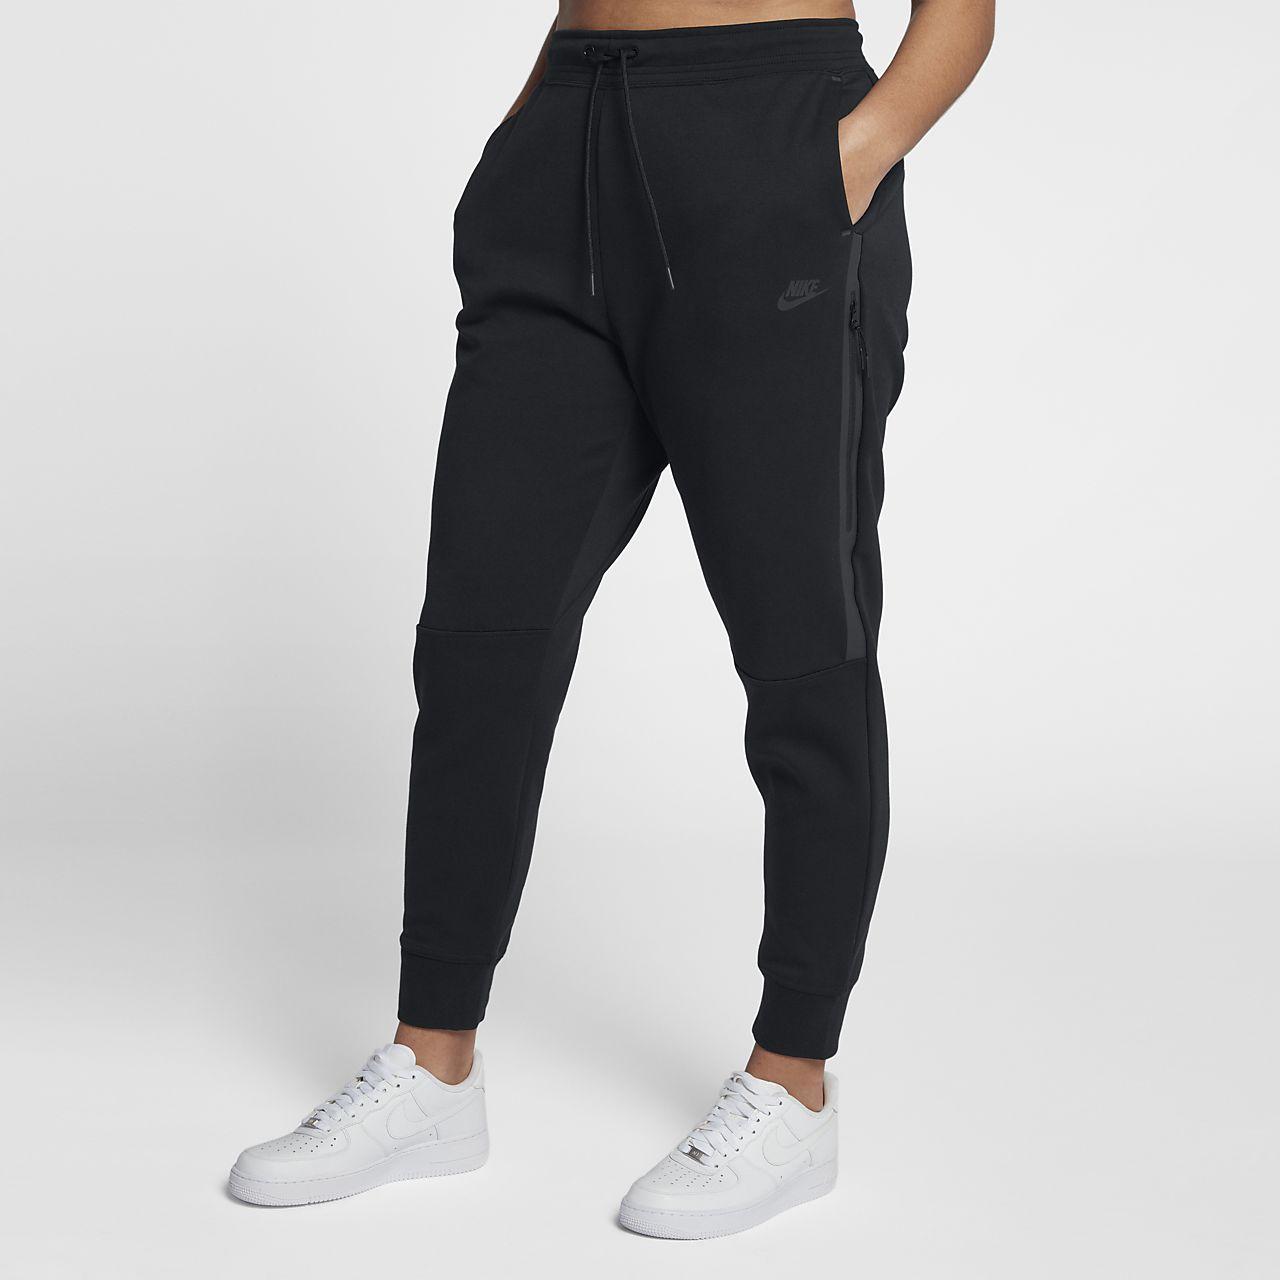 nike pantaloni donna